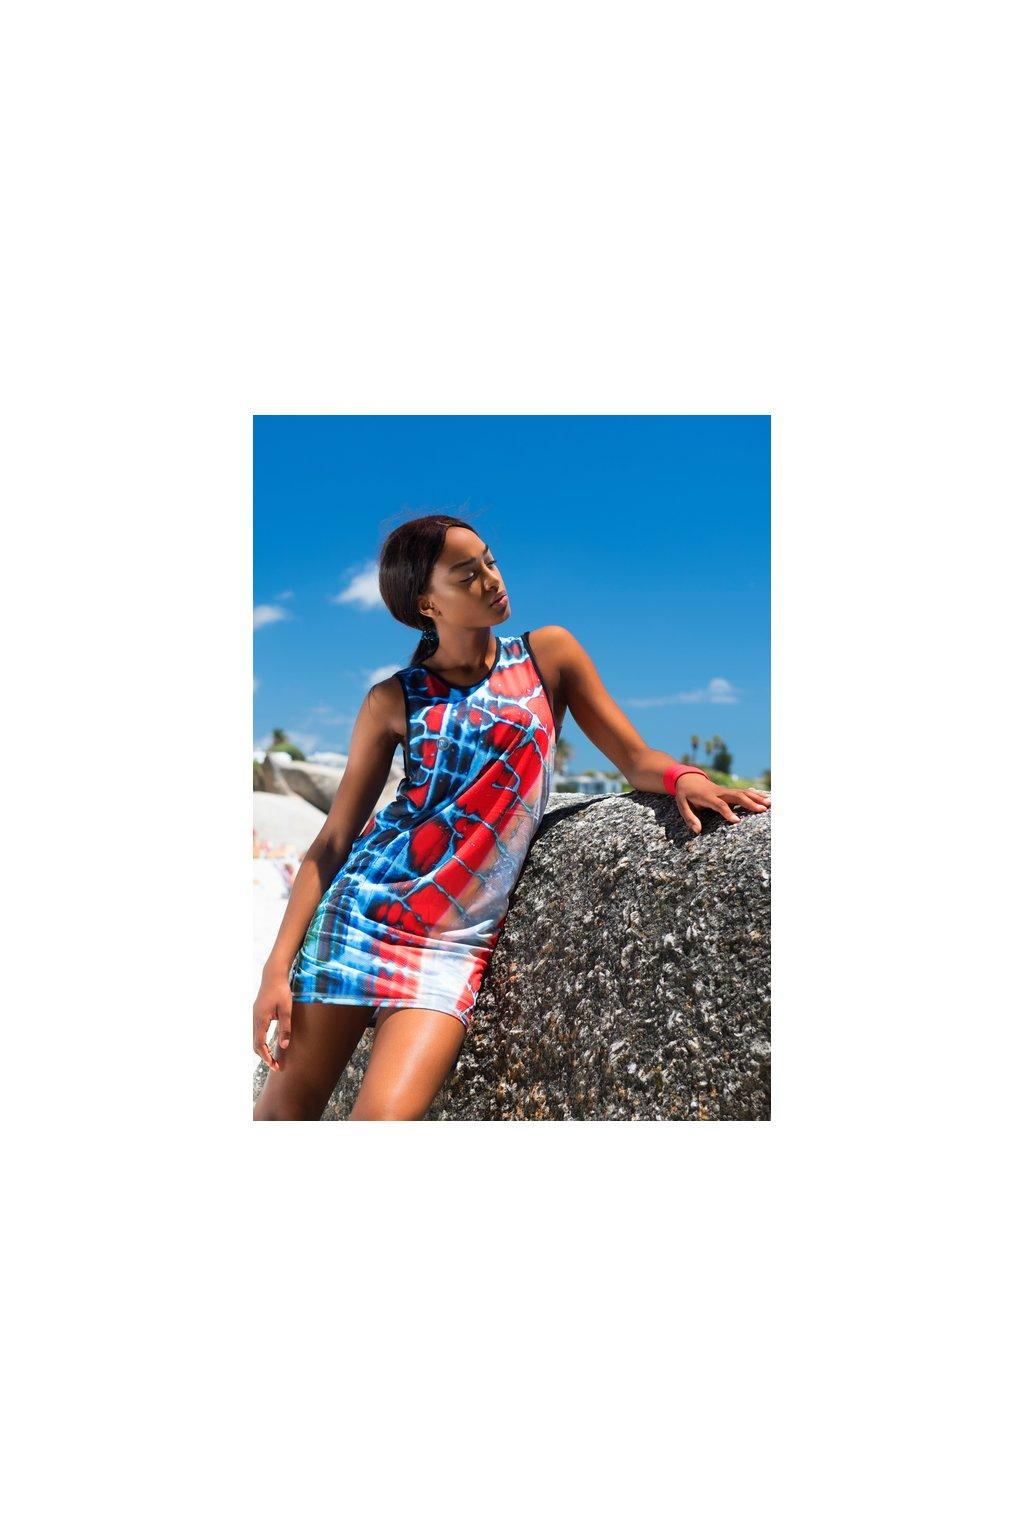 46115d7acd7 Šaty sportovního střihu OSS 91 - Red Agate - Nessi Sportswear